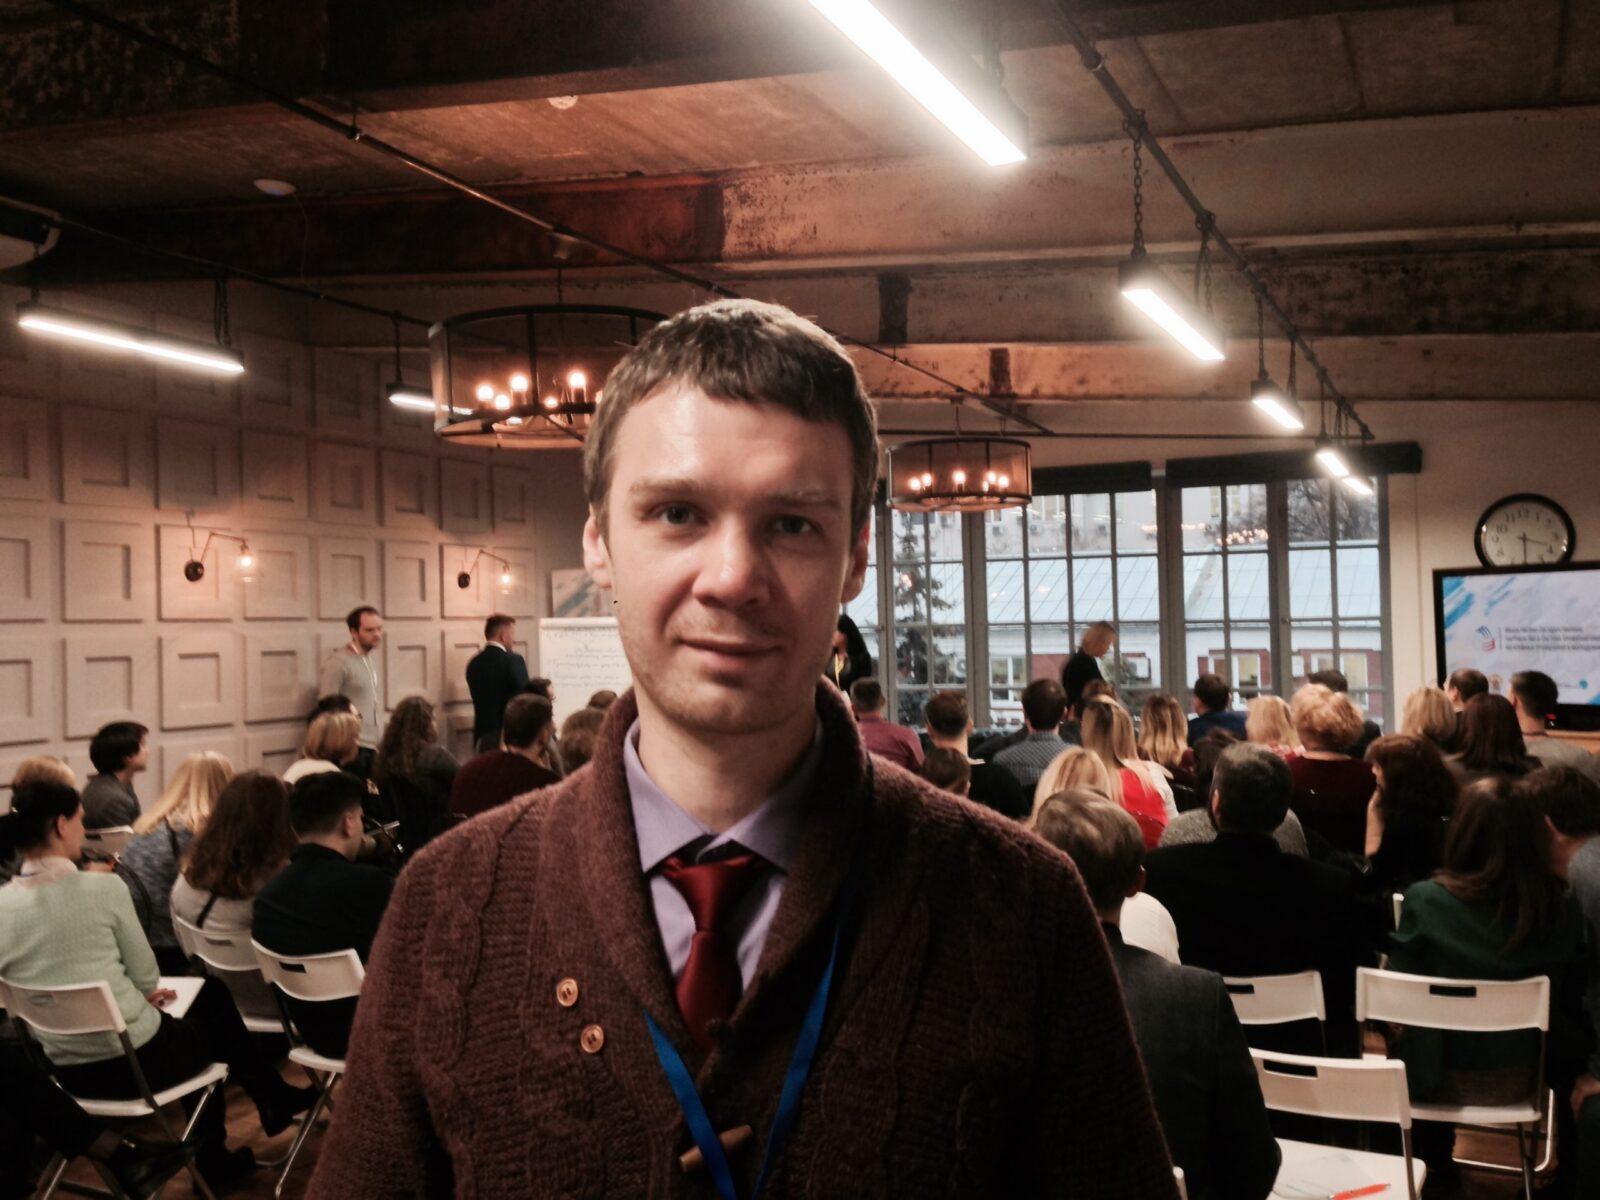 Григорий Пащенко: Для бизнеса важно сэкономить не только деньги, но и время